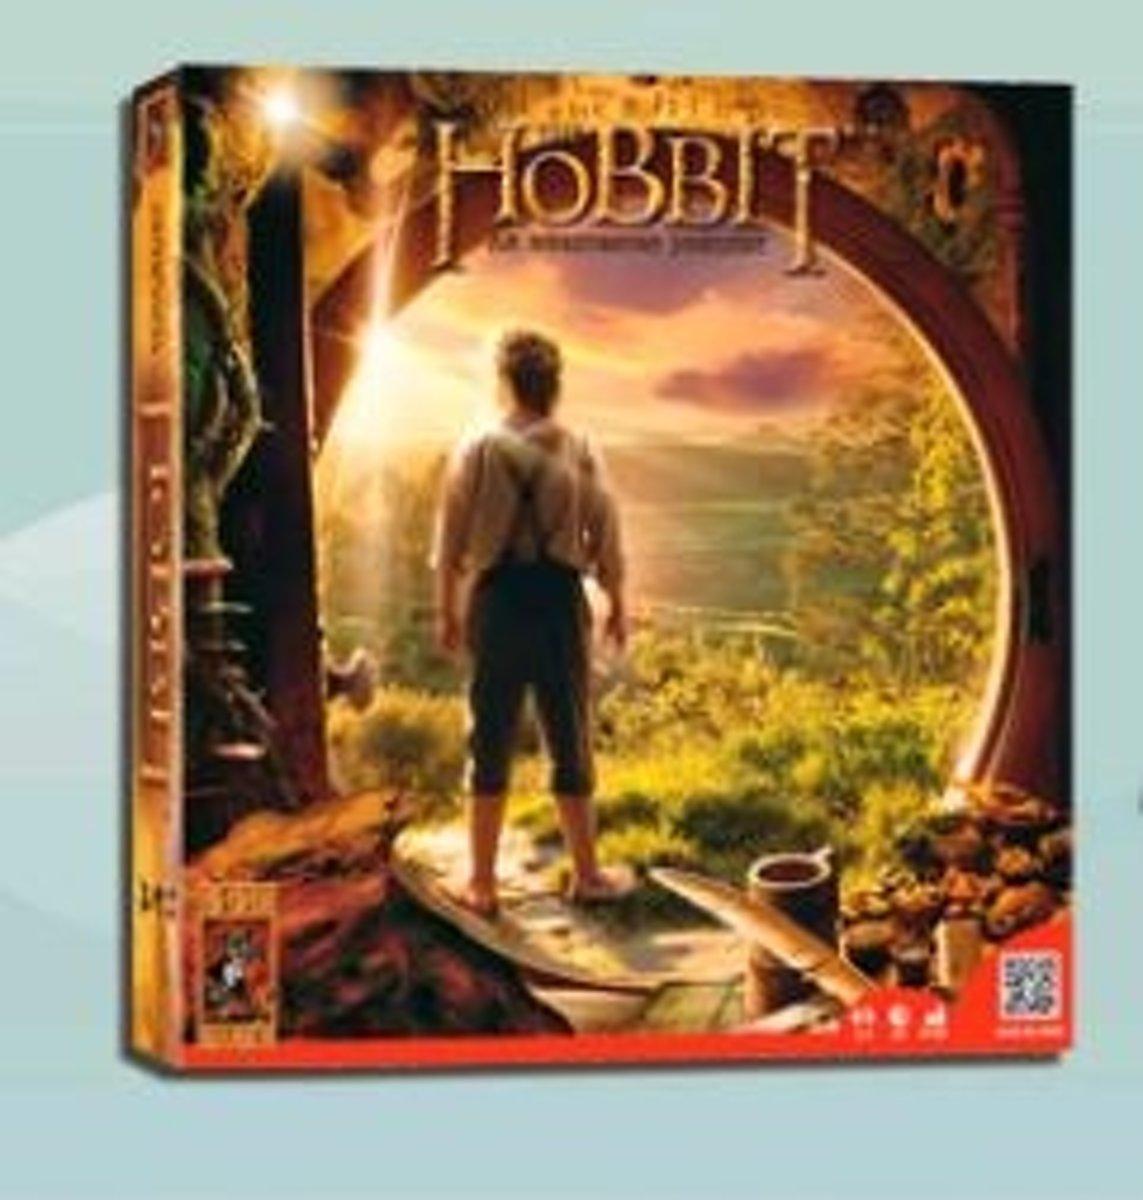 De Hobbit Filmeditie - Bordspel